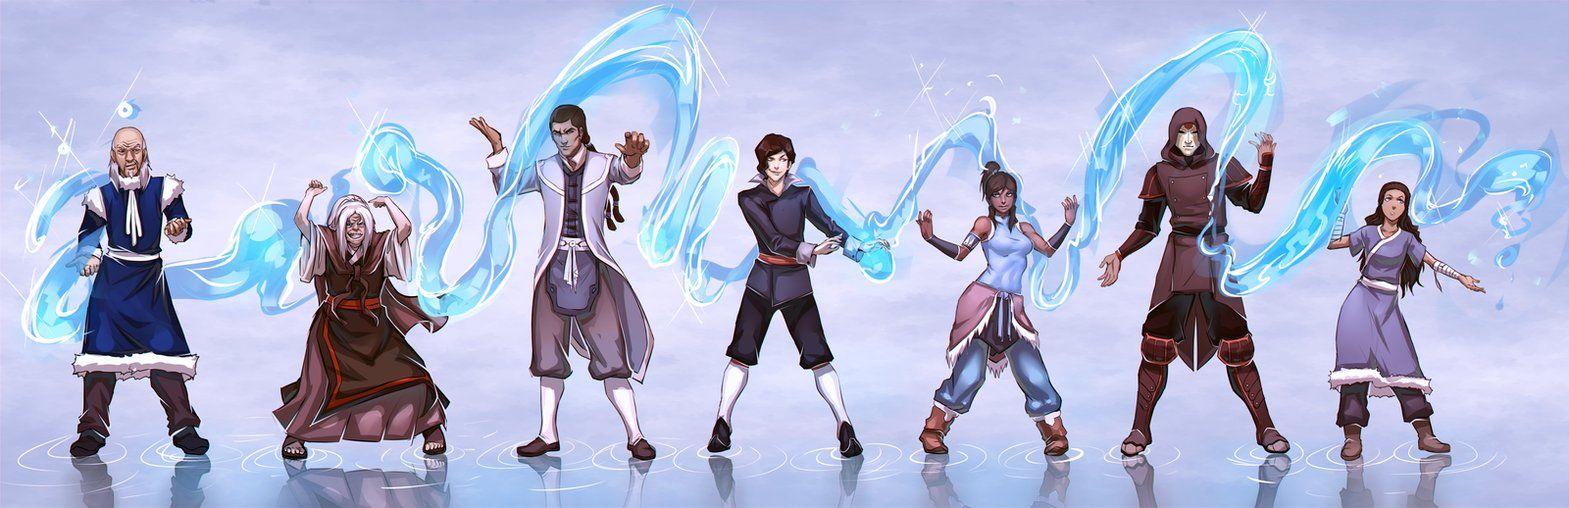 Waterbenders | Avatar, Korra, Avatar aang